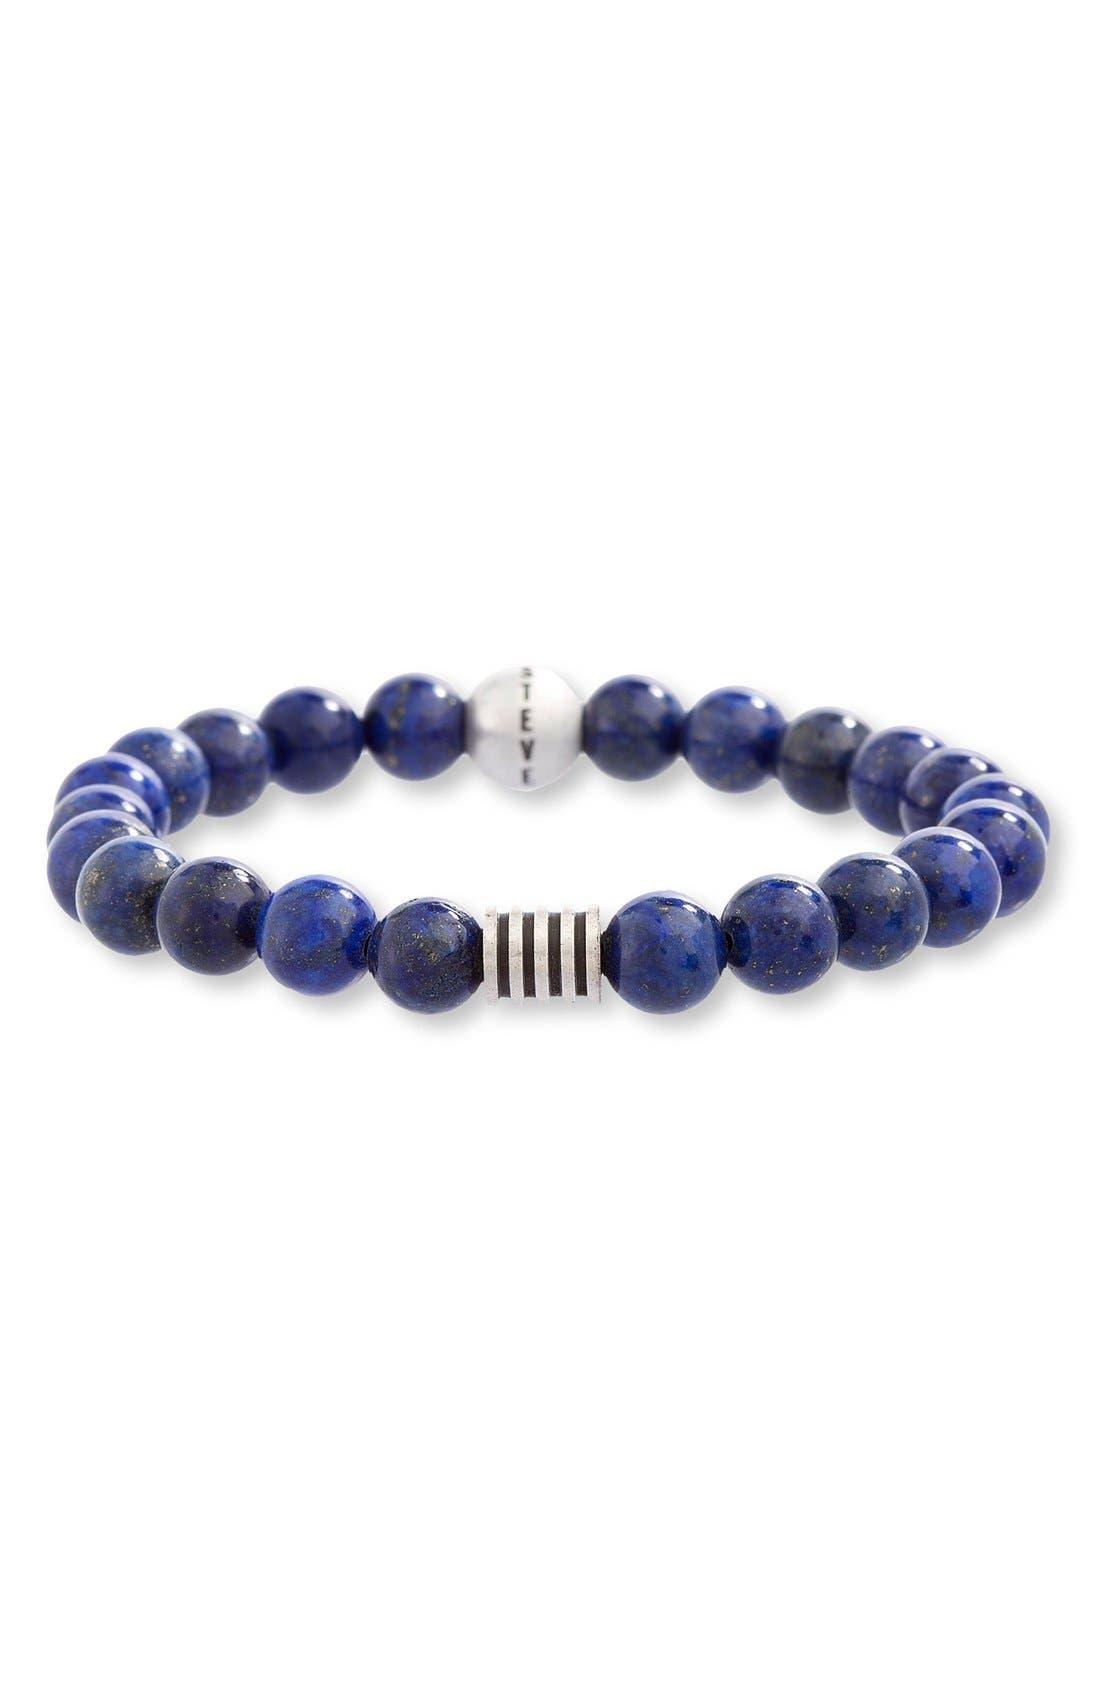 Lapis Lazuli Bead Bracelet,                         Main,                         color, Blue